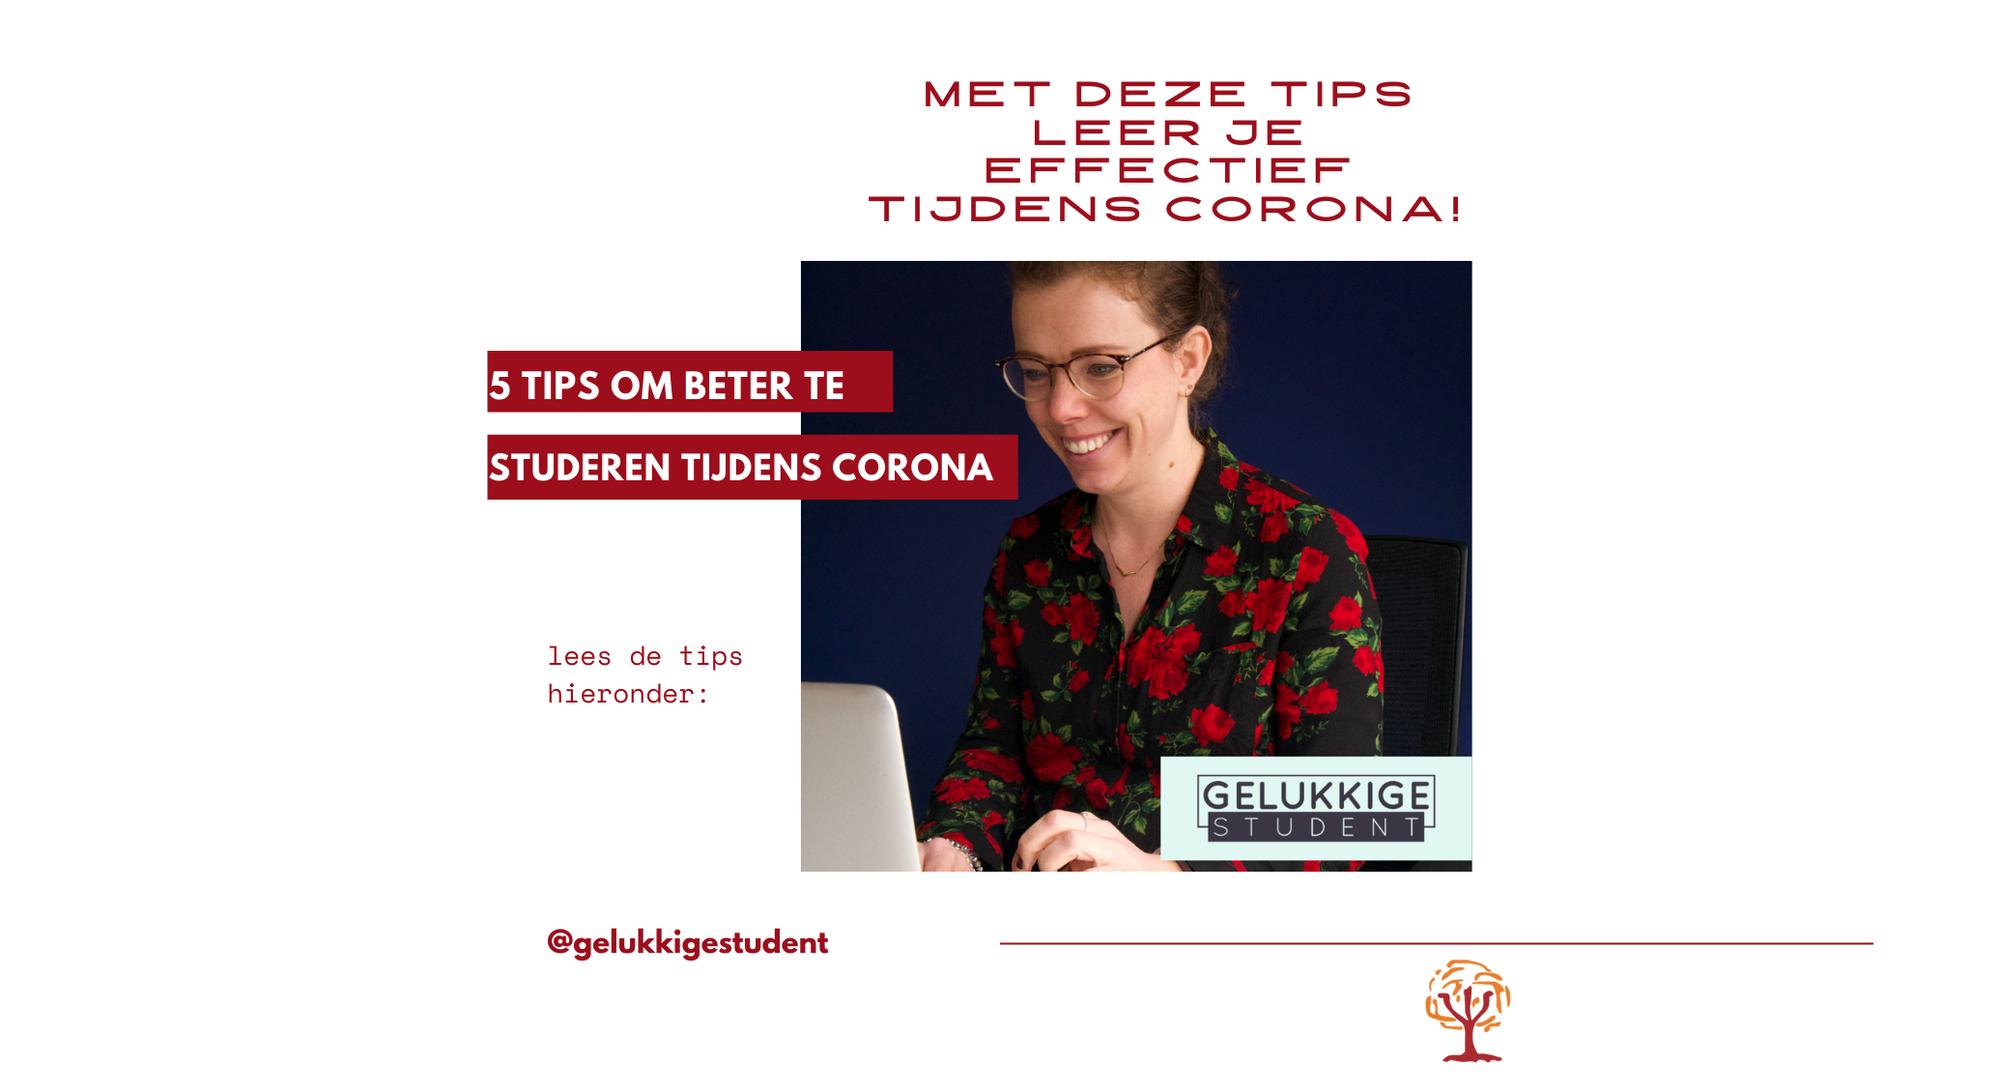 5 tips om beter te studeren tijdens corona